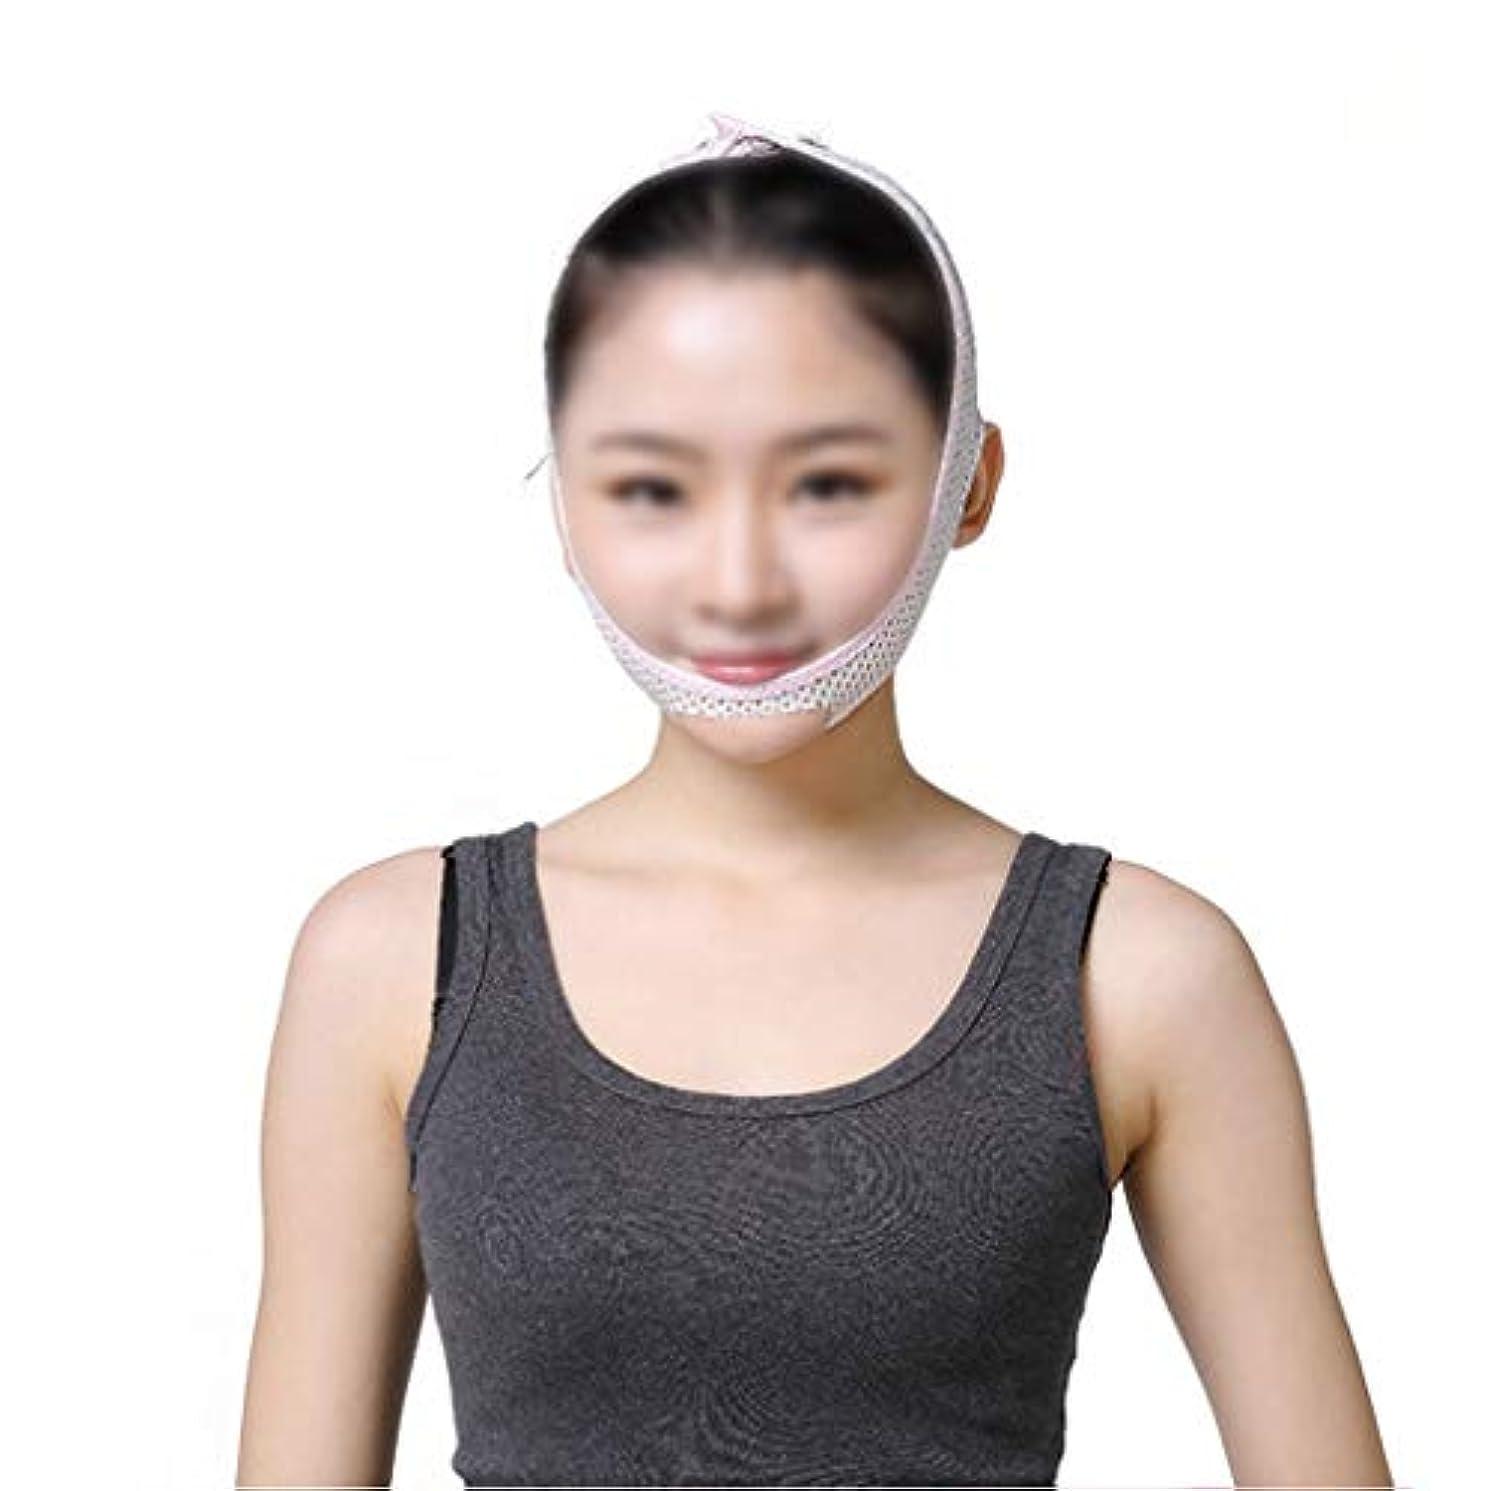 それぞれ差別化するグレートバリアリーフGLJJQMY 薄い顔のマスク快適な 引き締め肌の引き締め睡眠薄い顔のアーティファクト抗しわ除去二重あご術後回復マスク 顔用整形マスク